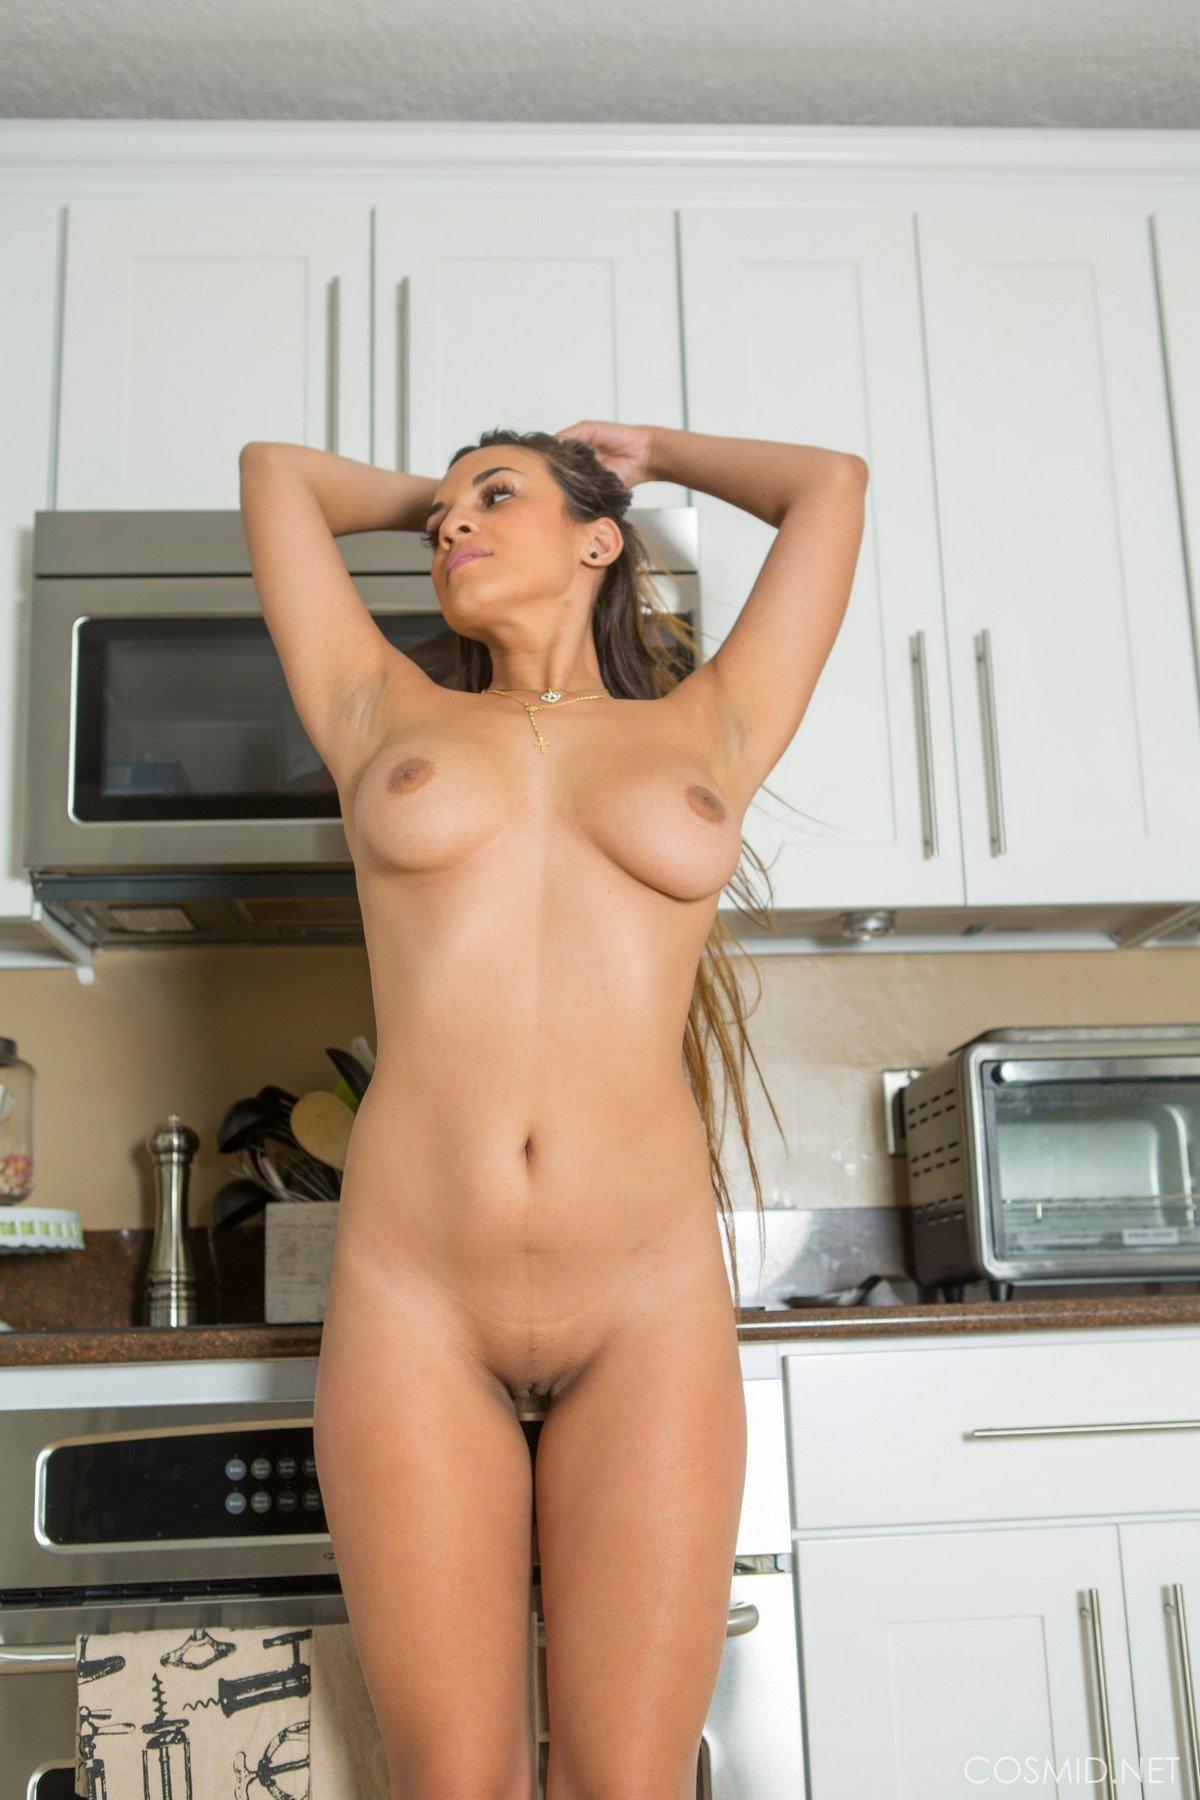 Обнаженная мамочка с привлекательной фигурой в домашних условиях